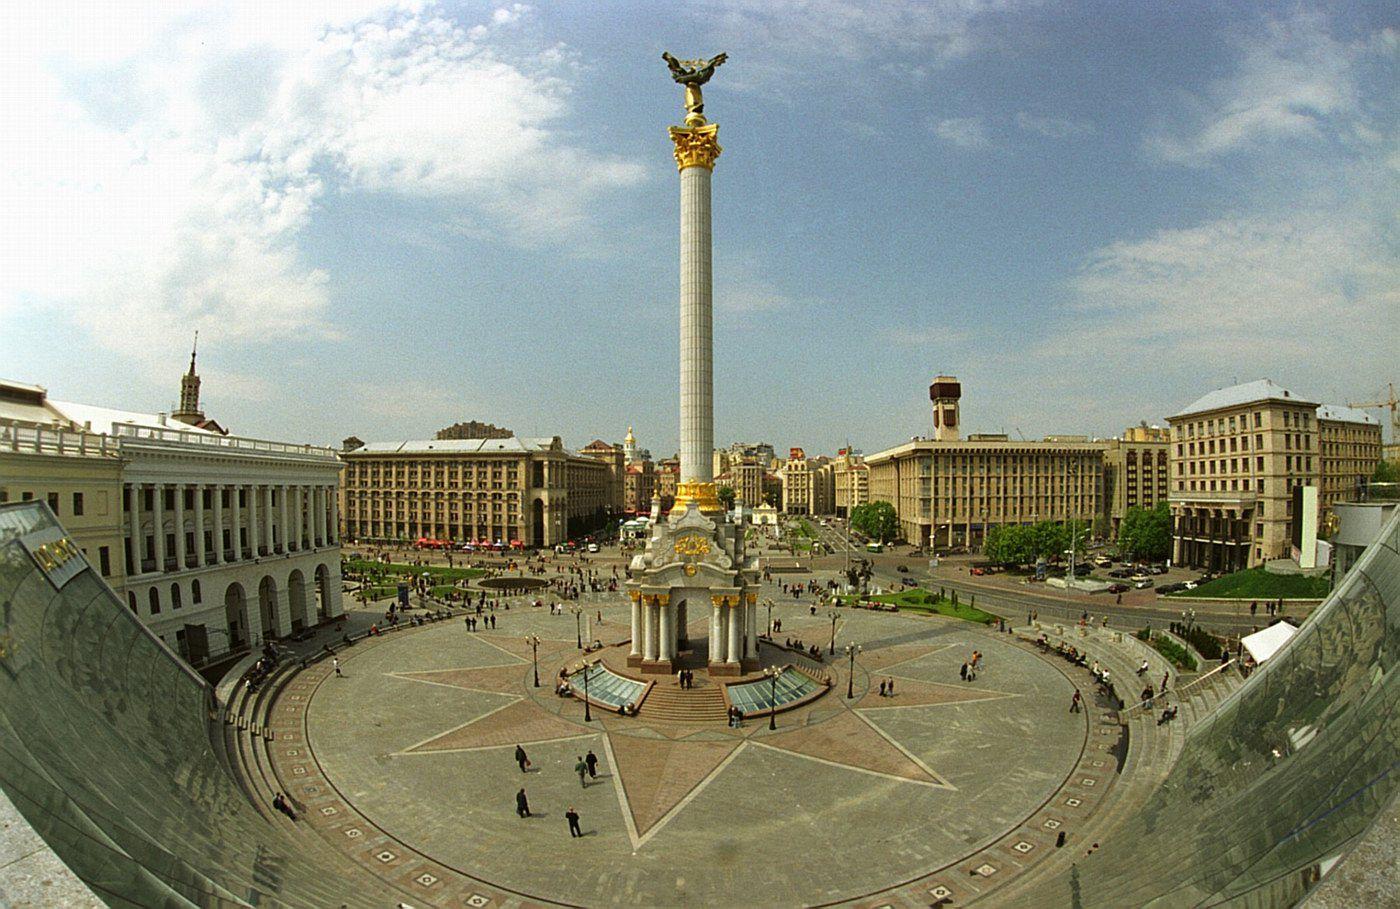 В Украине новое восстание — Майдан — будет, если в стране к власти придет марионетка России, считает журналист